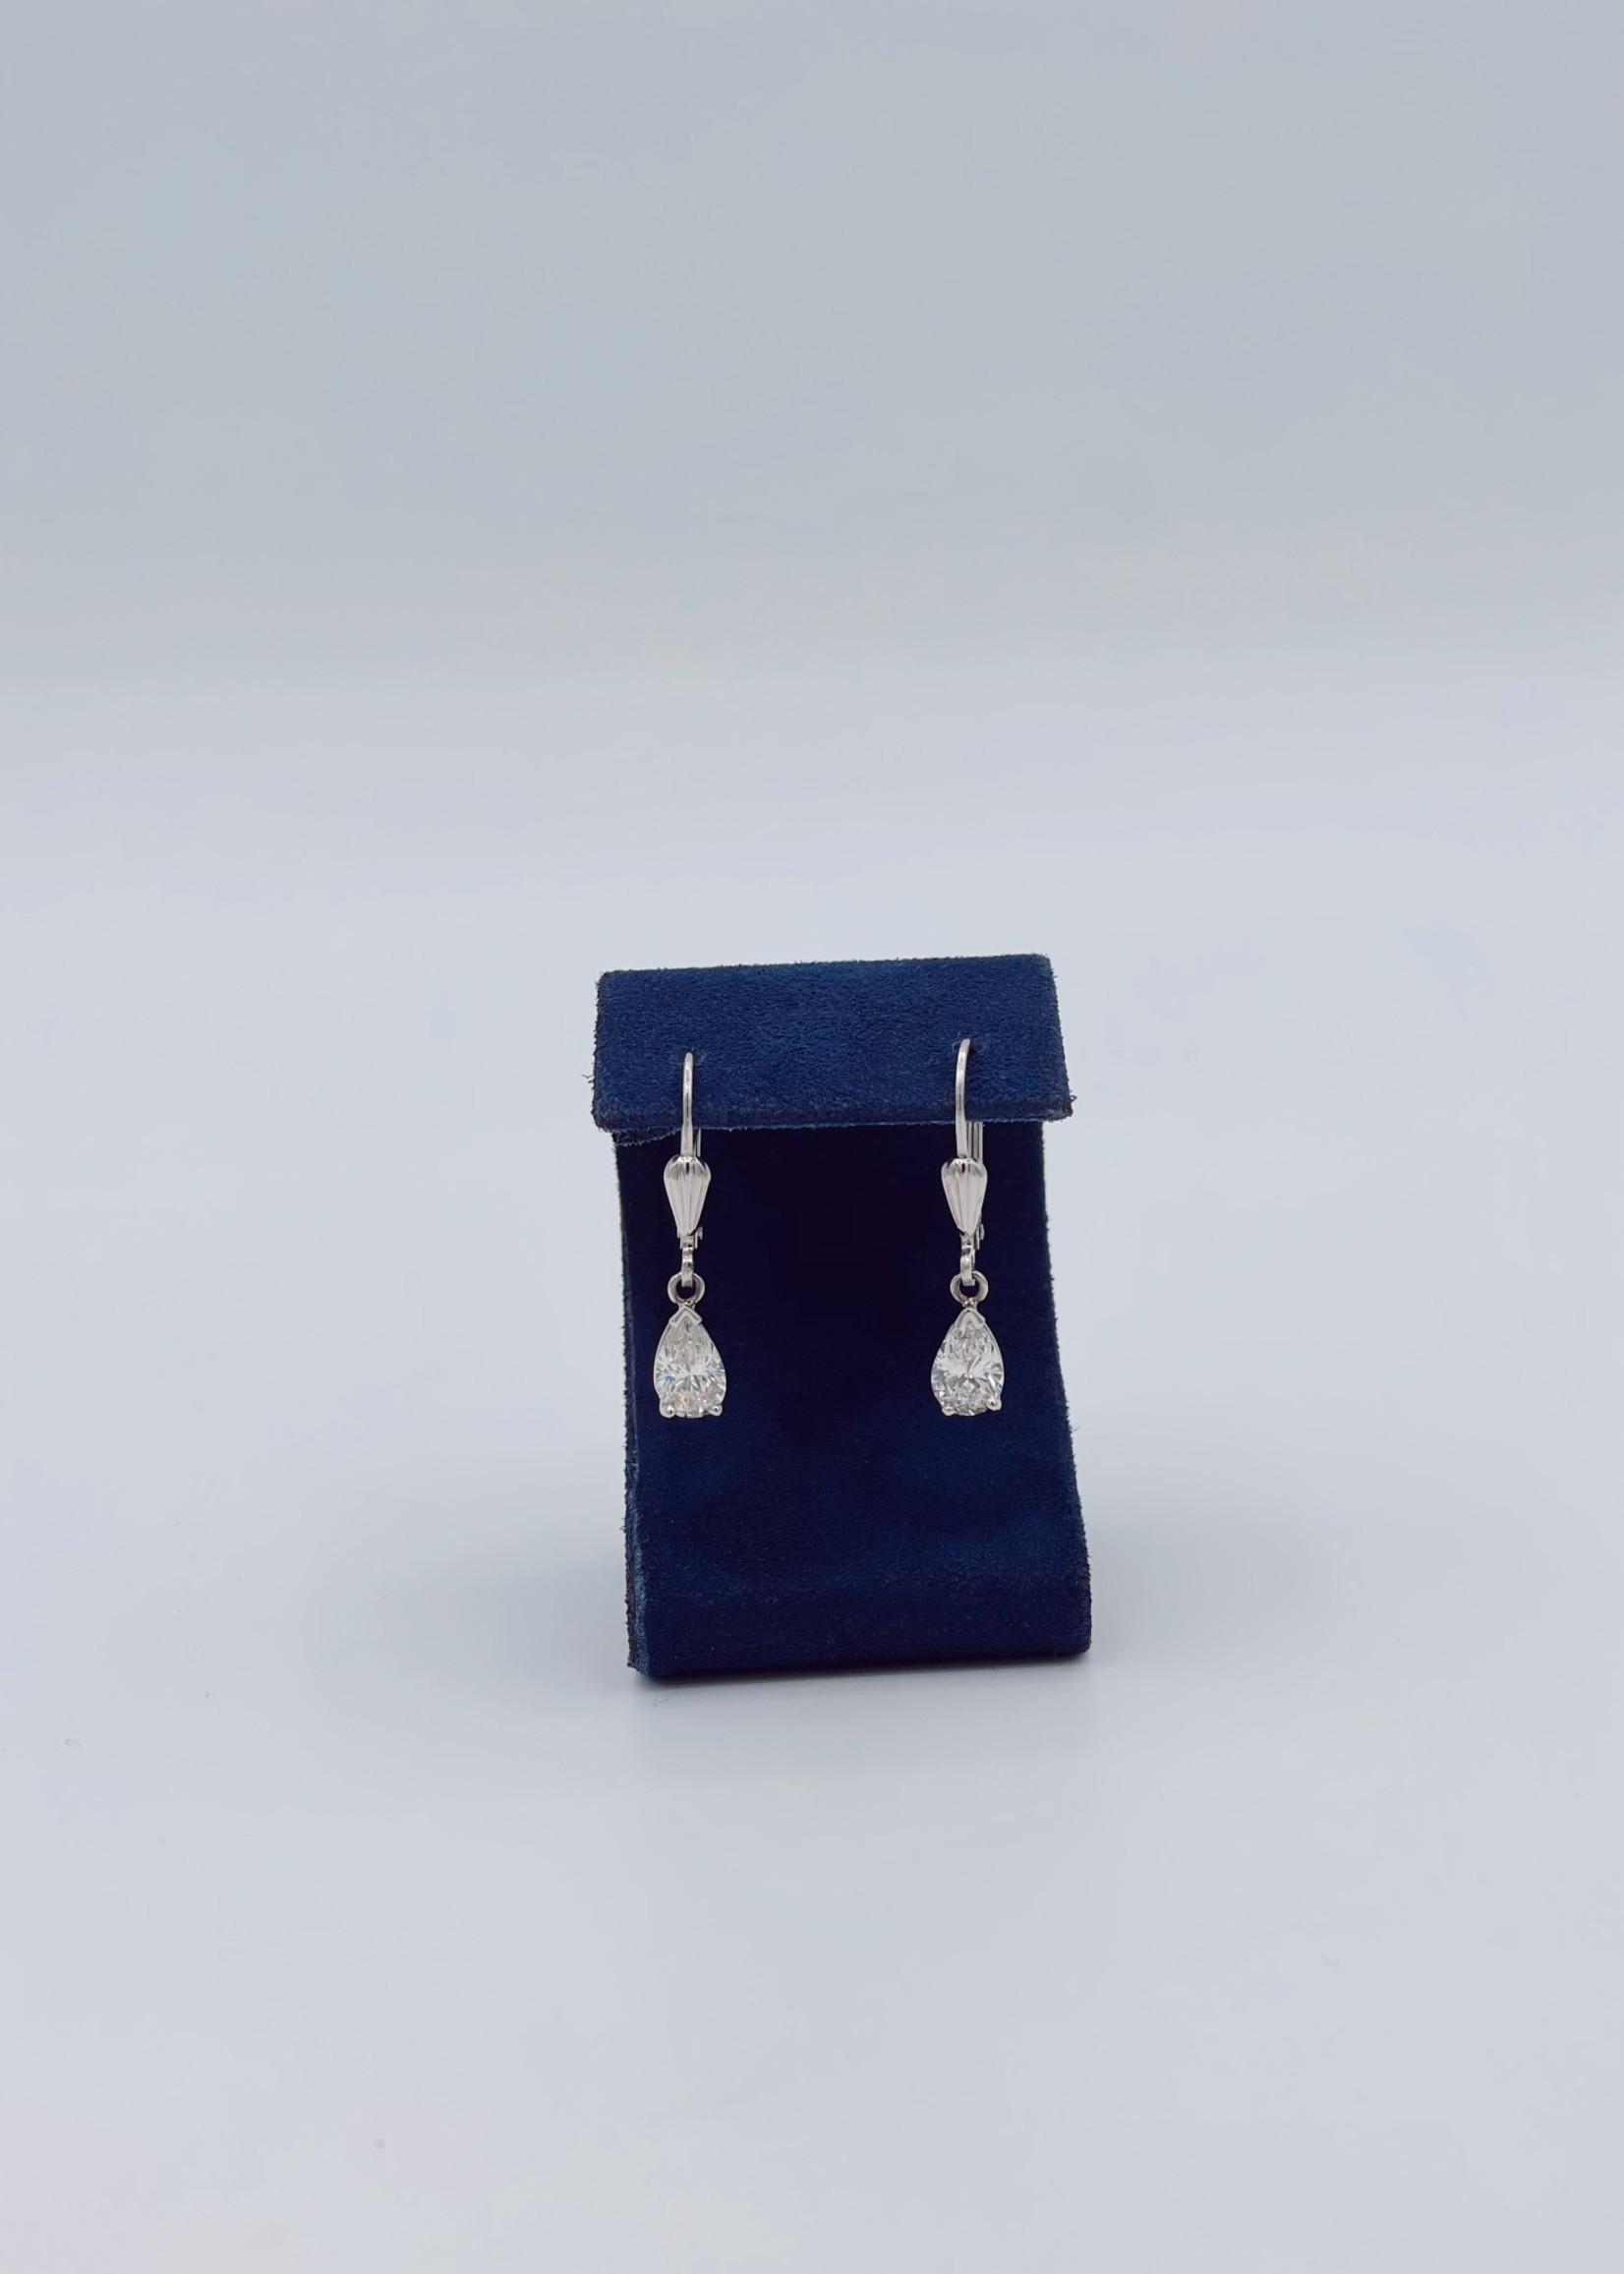 CJ Designs Drop Pear Shape Earring  14k W with 2 Diamonds=1.44 ctw.